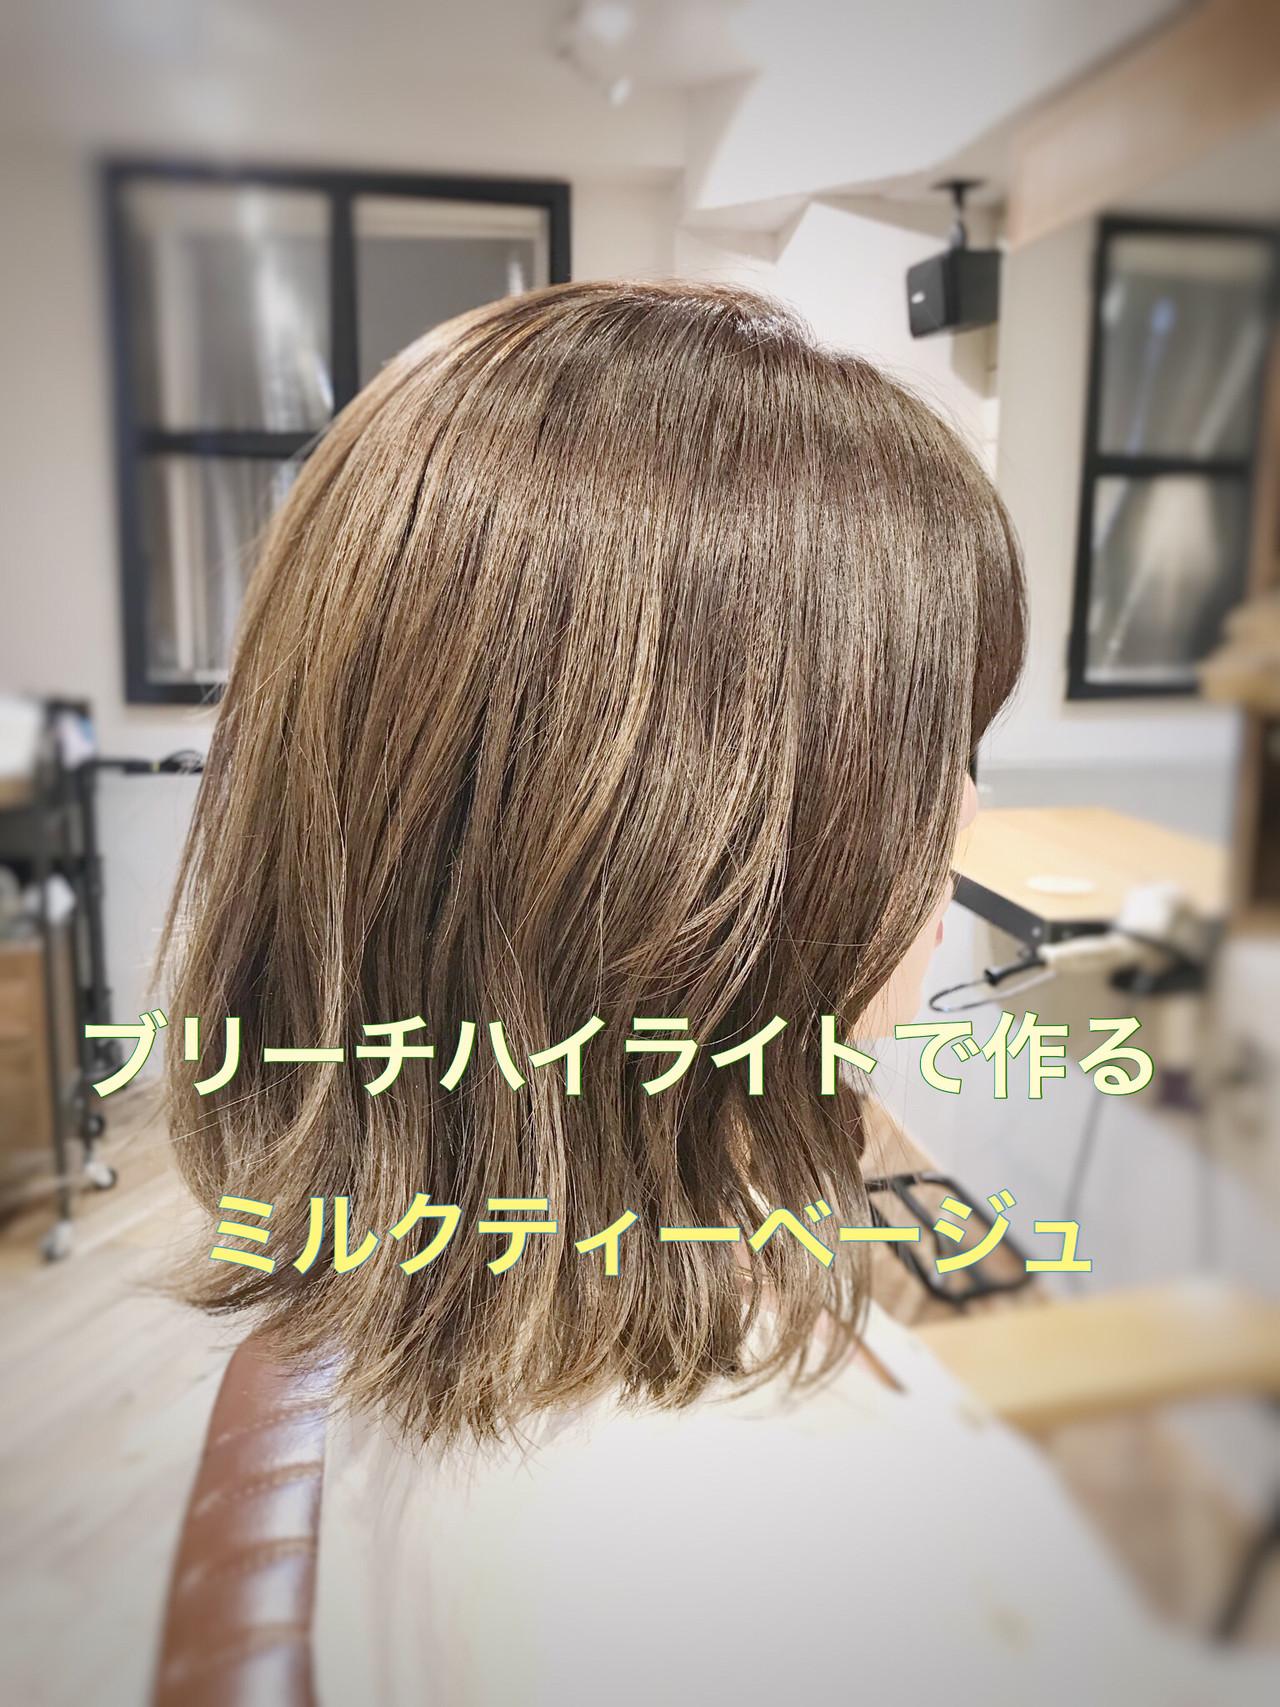 ミディアム 簡単ヘアアレンジ ヘアアレンジ デート ヘアスタイルや髪型の写真・画像 | 道村昌樹/chobii / chobii   GINZA